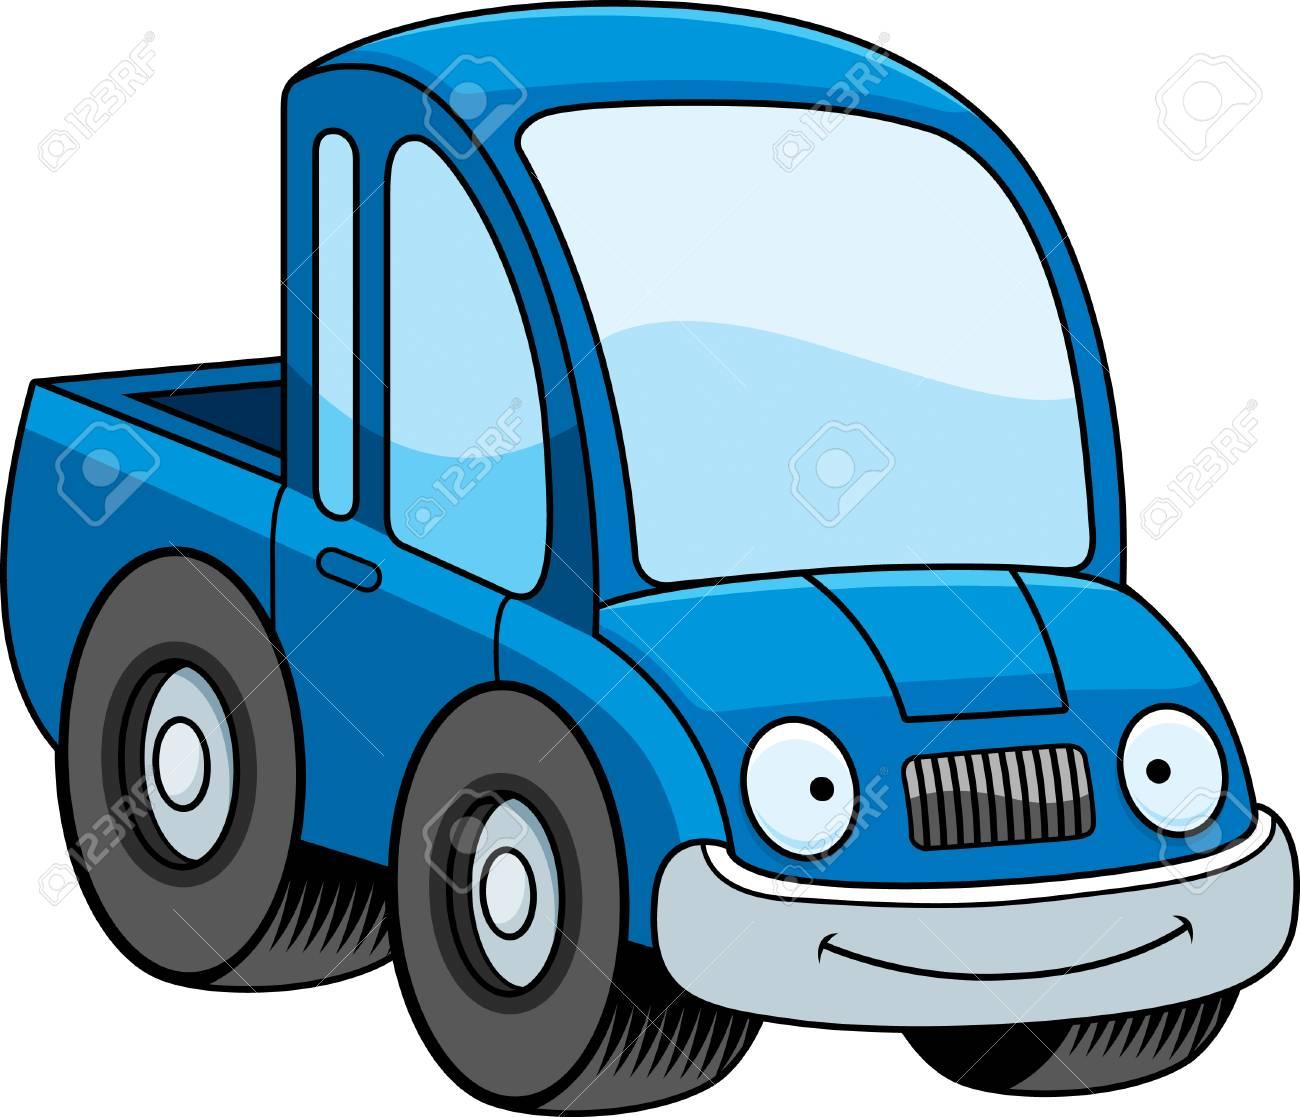 Una Ilustración De Dibujos Animados De Una Camioneta Sonriendo